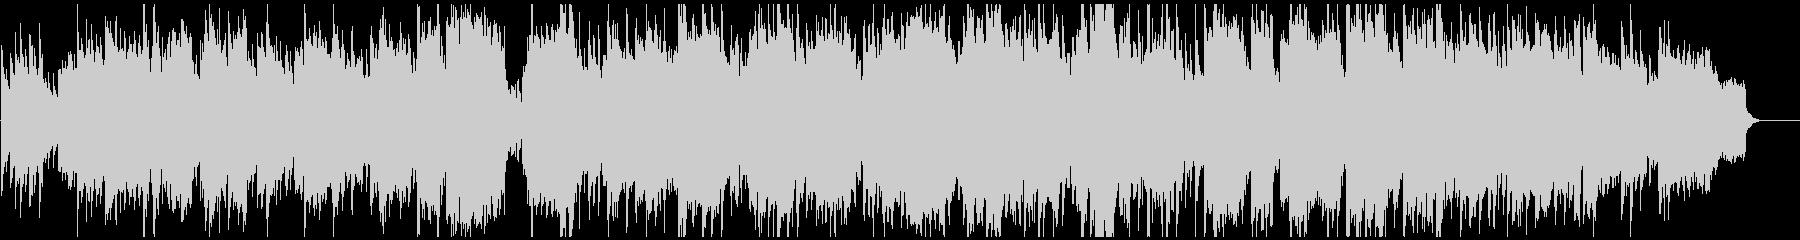 ほのぼの和洋折衷な日常BGM 篠笛生演奏の未再生の波形